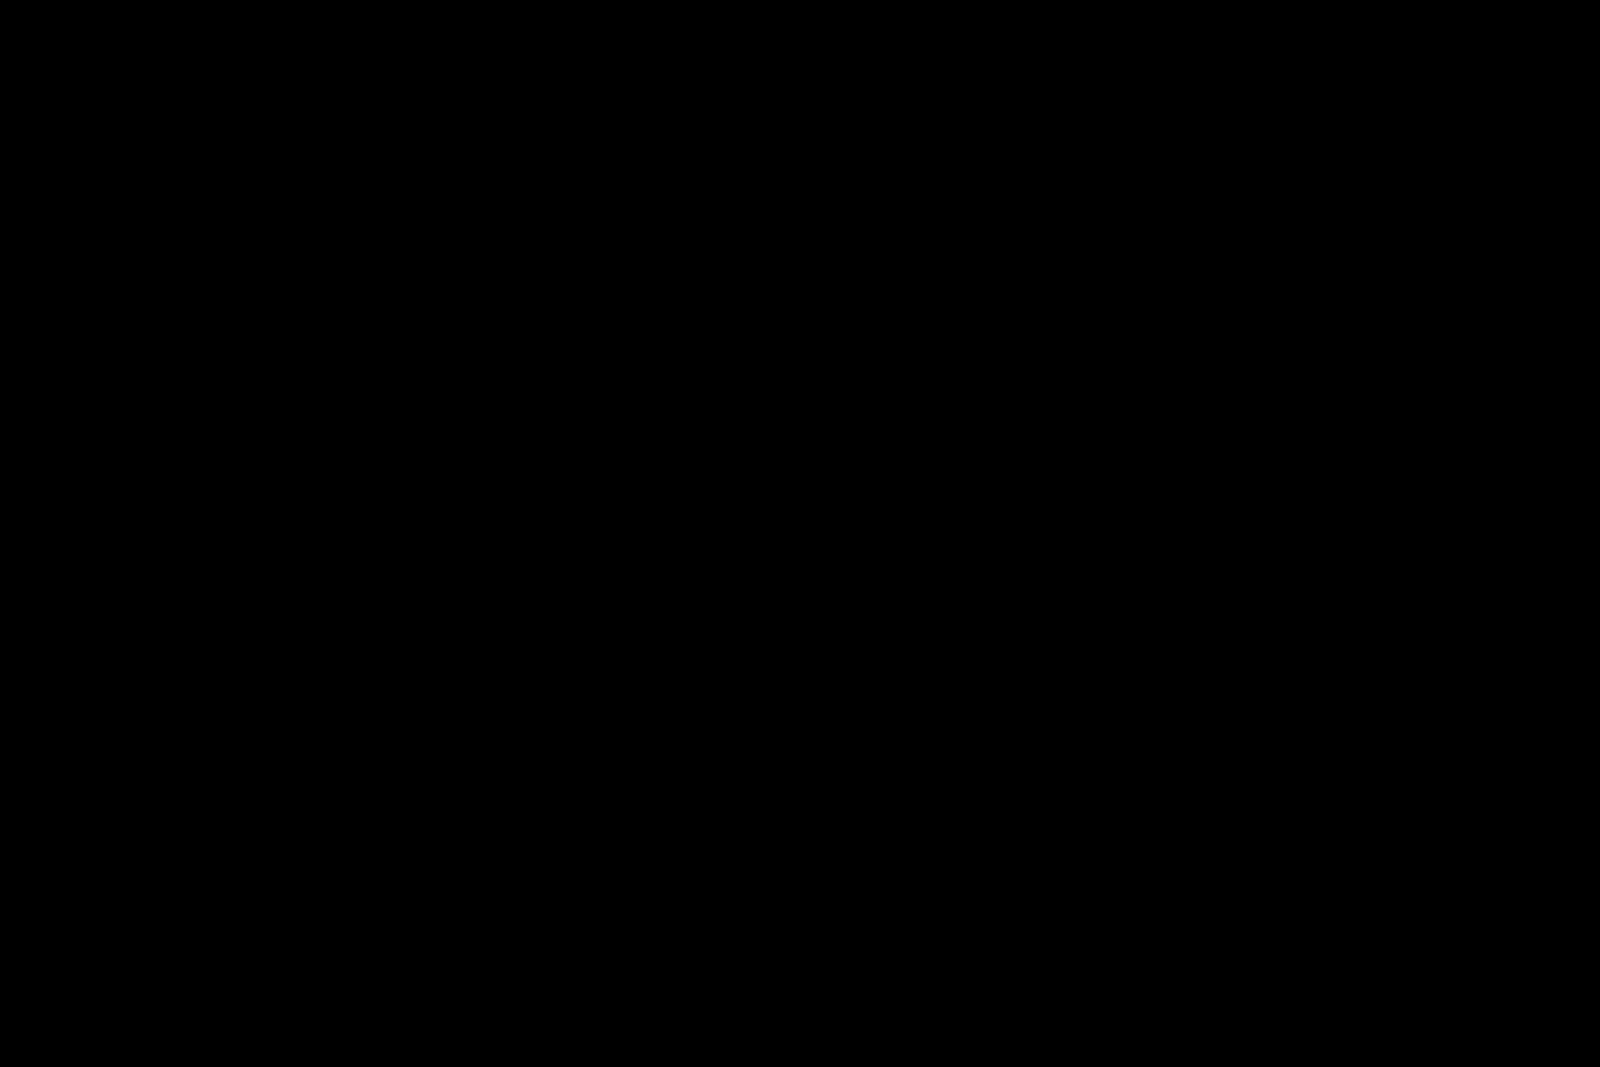 Vlakke Blumat met verdelers in bewateringsschaal